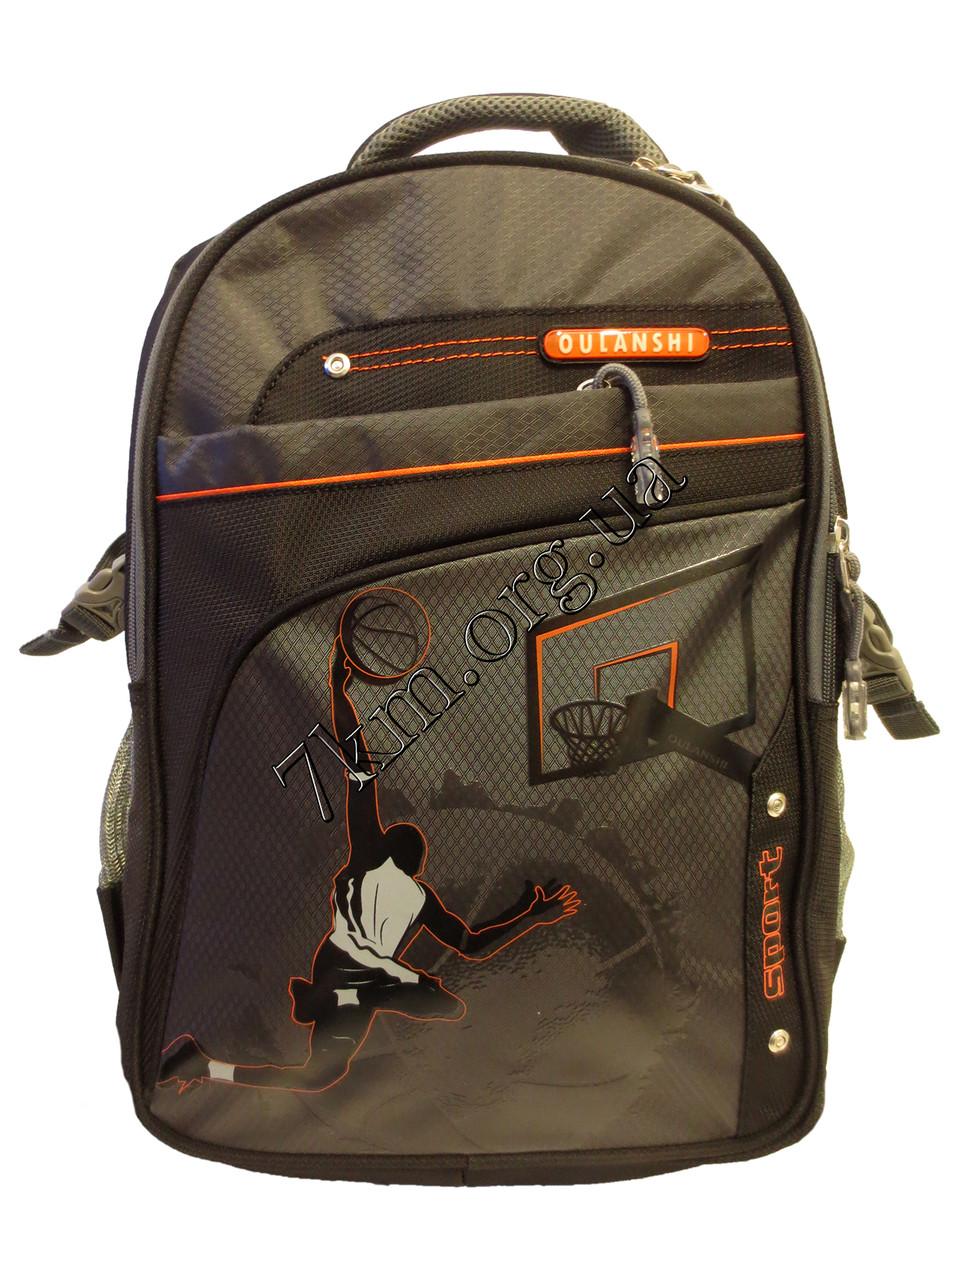 Школьный рюкзак для мальчиков Oulanshi CR BB-0152 (45х30см.)